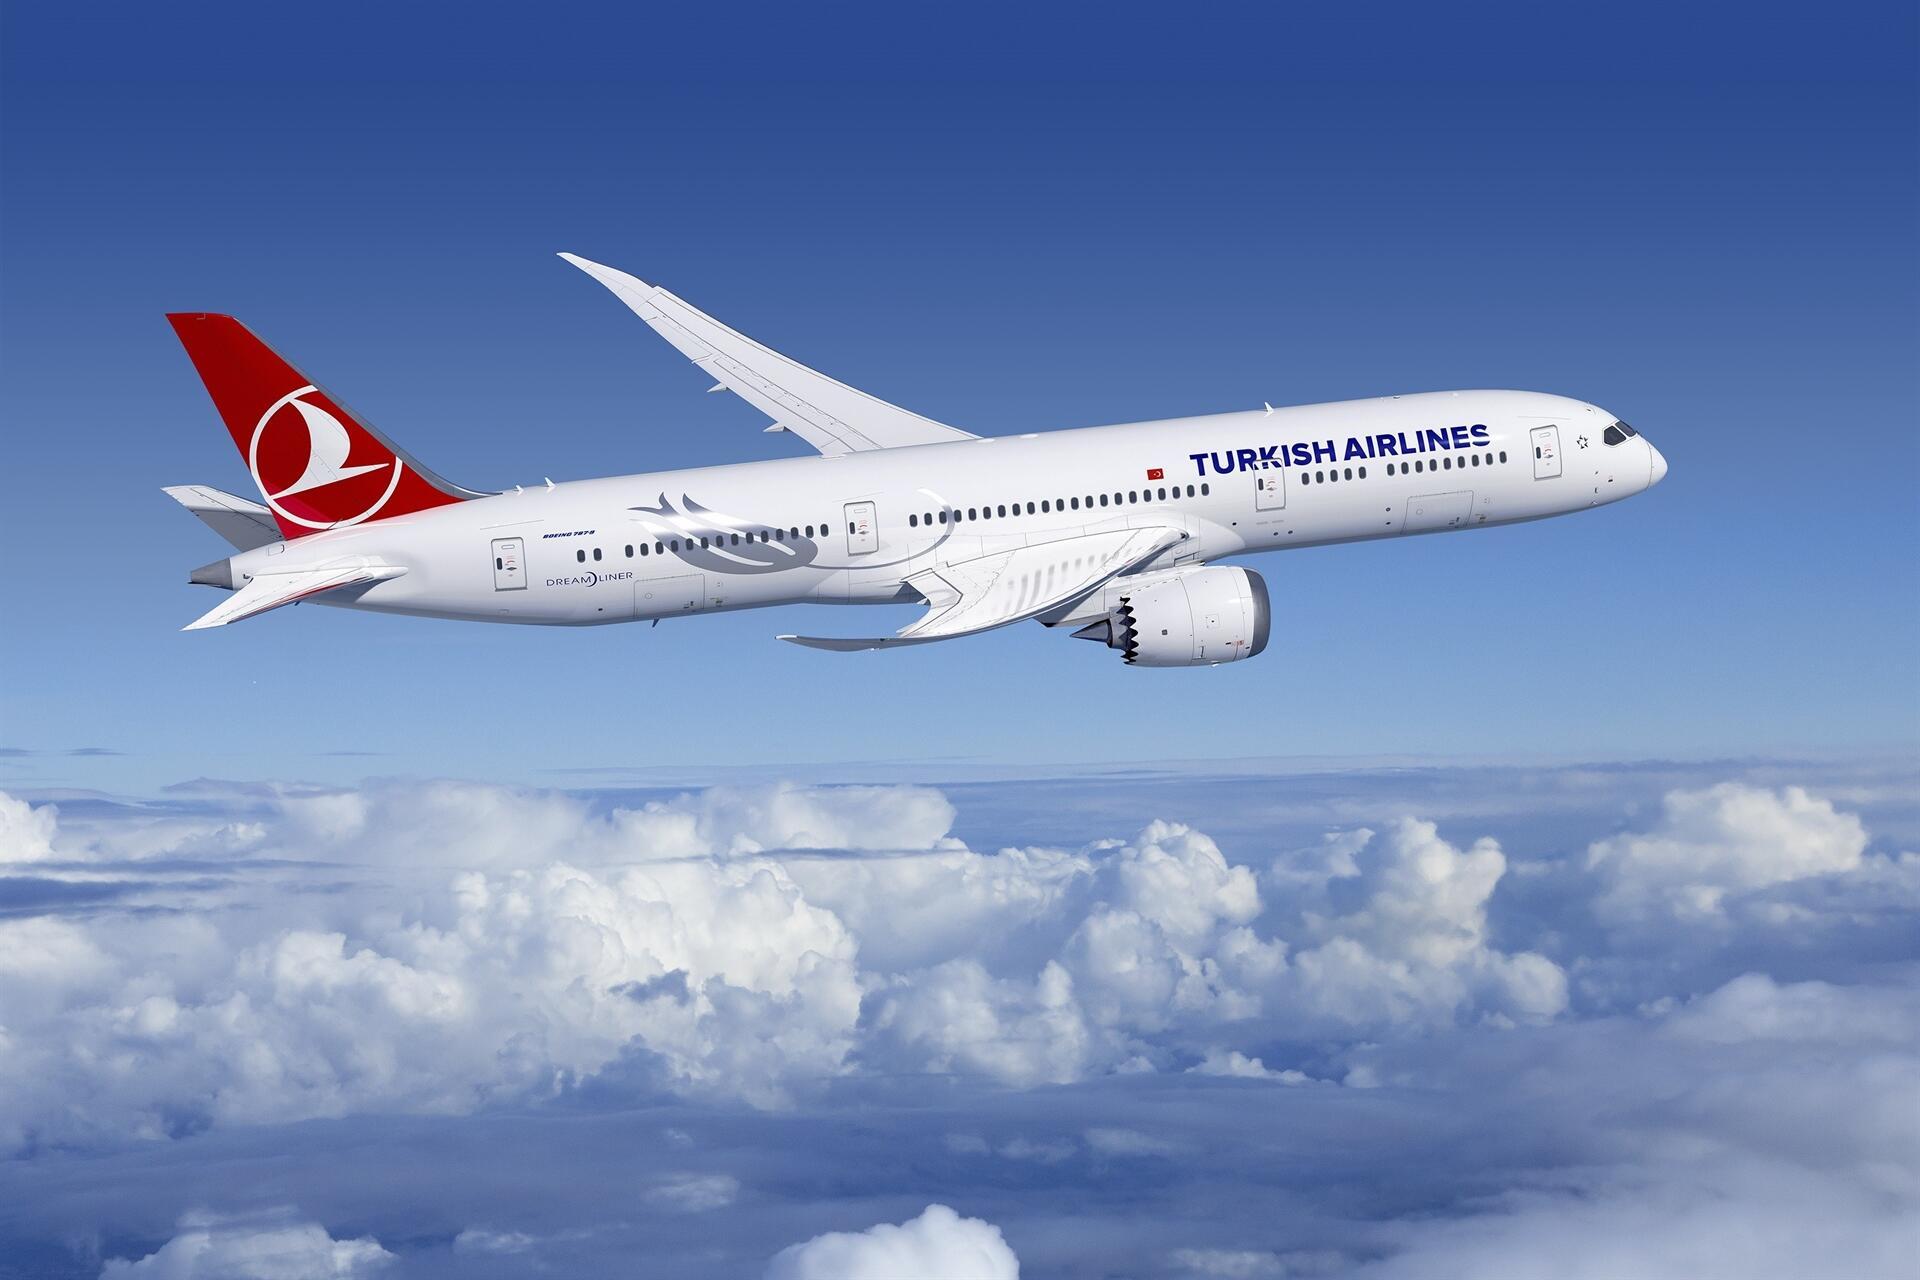 Turkish Airlines révise ses objectifs à la baisse pour 2019